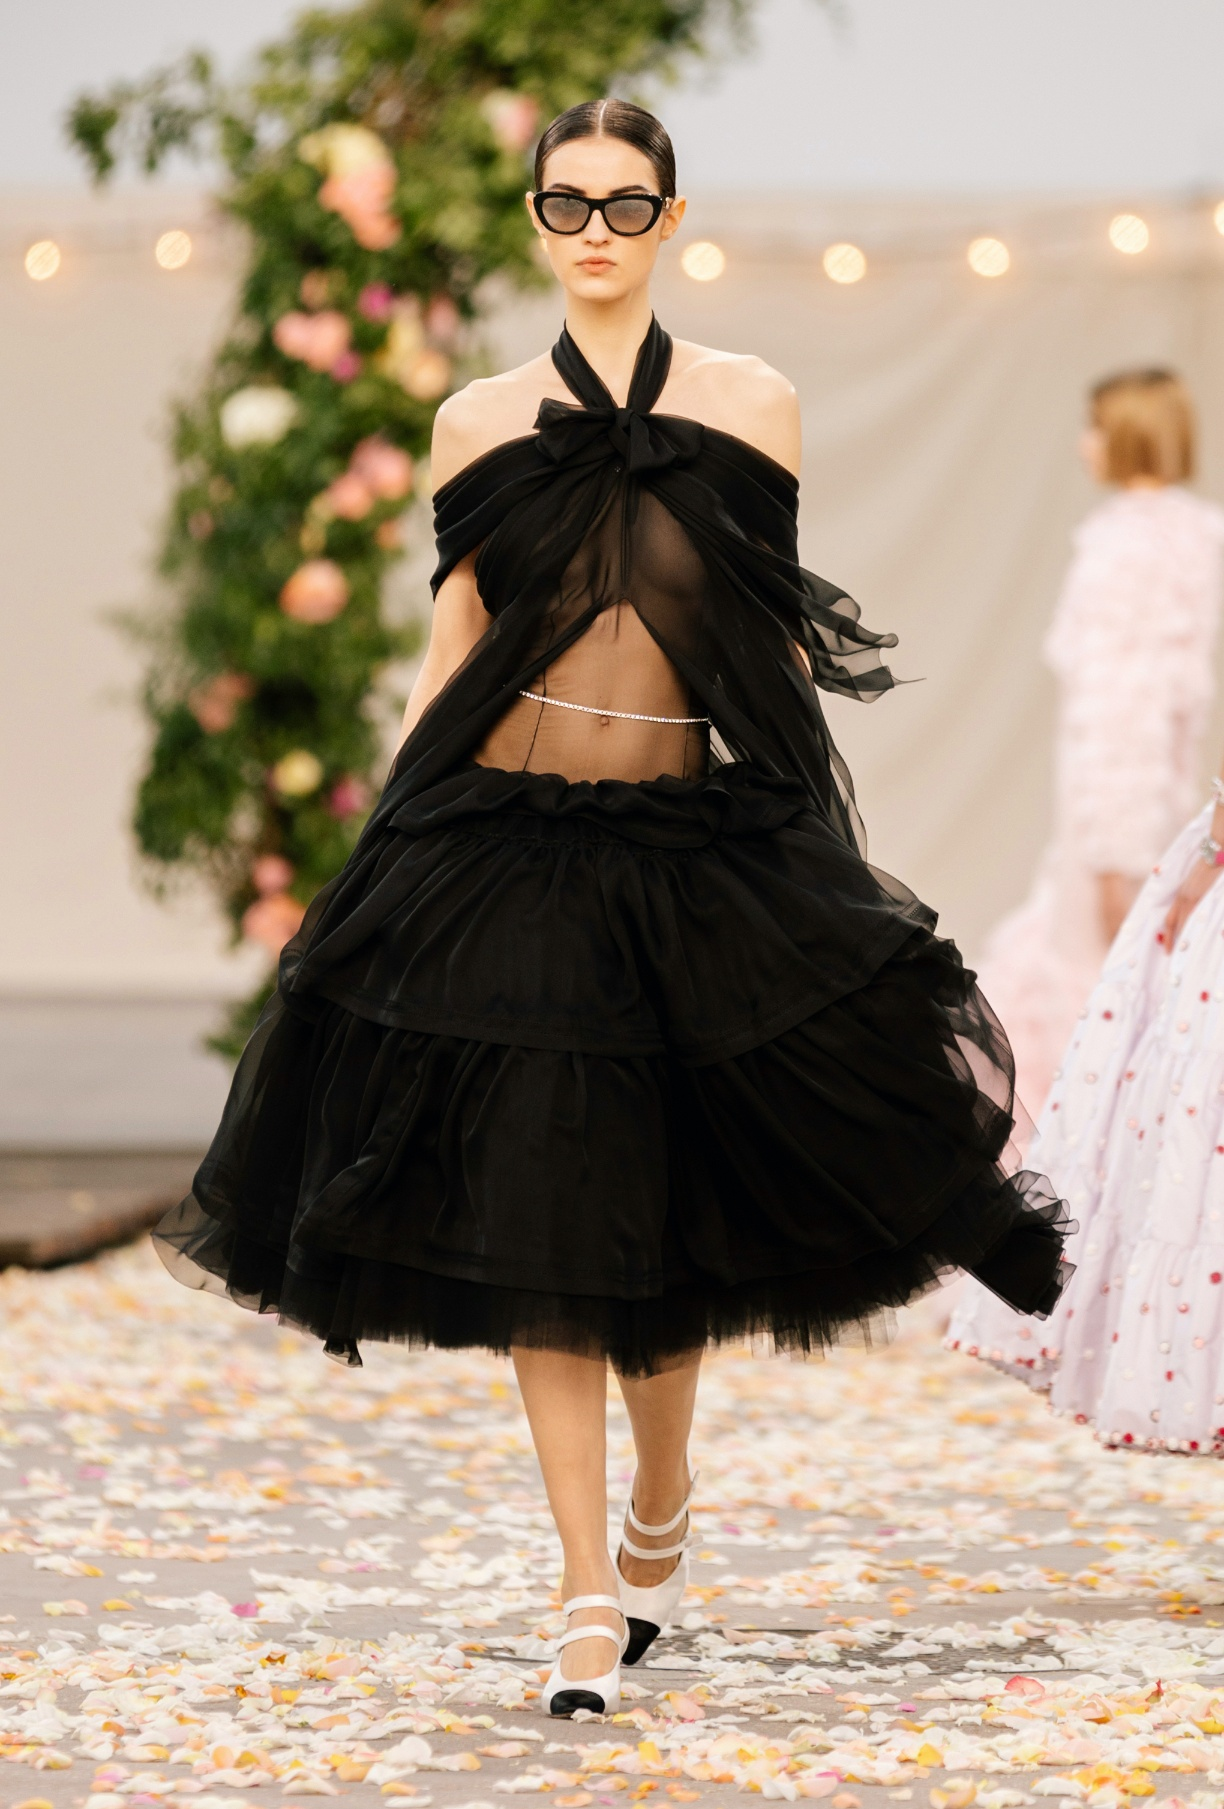 Défilé Haute-Couture printemps-été 2021 : la fête rêvée de Chanel - 1